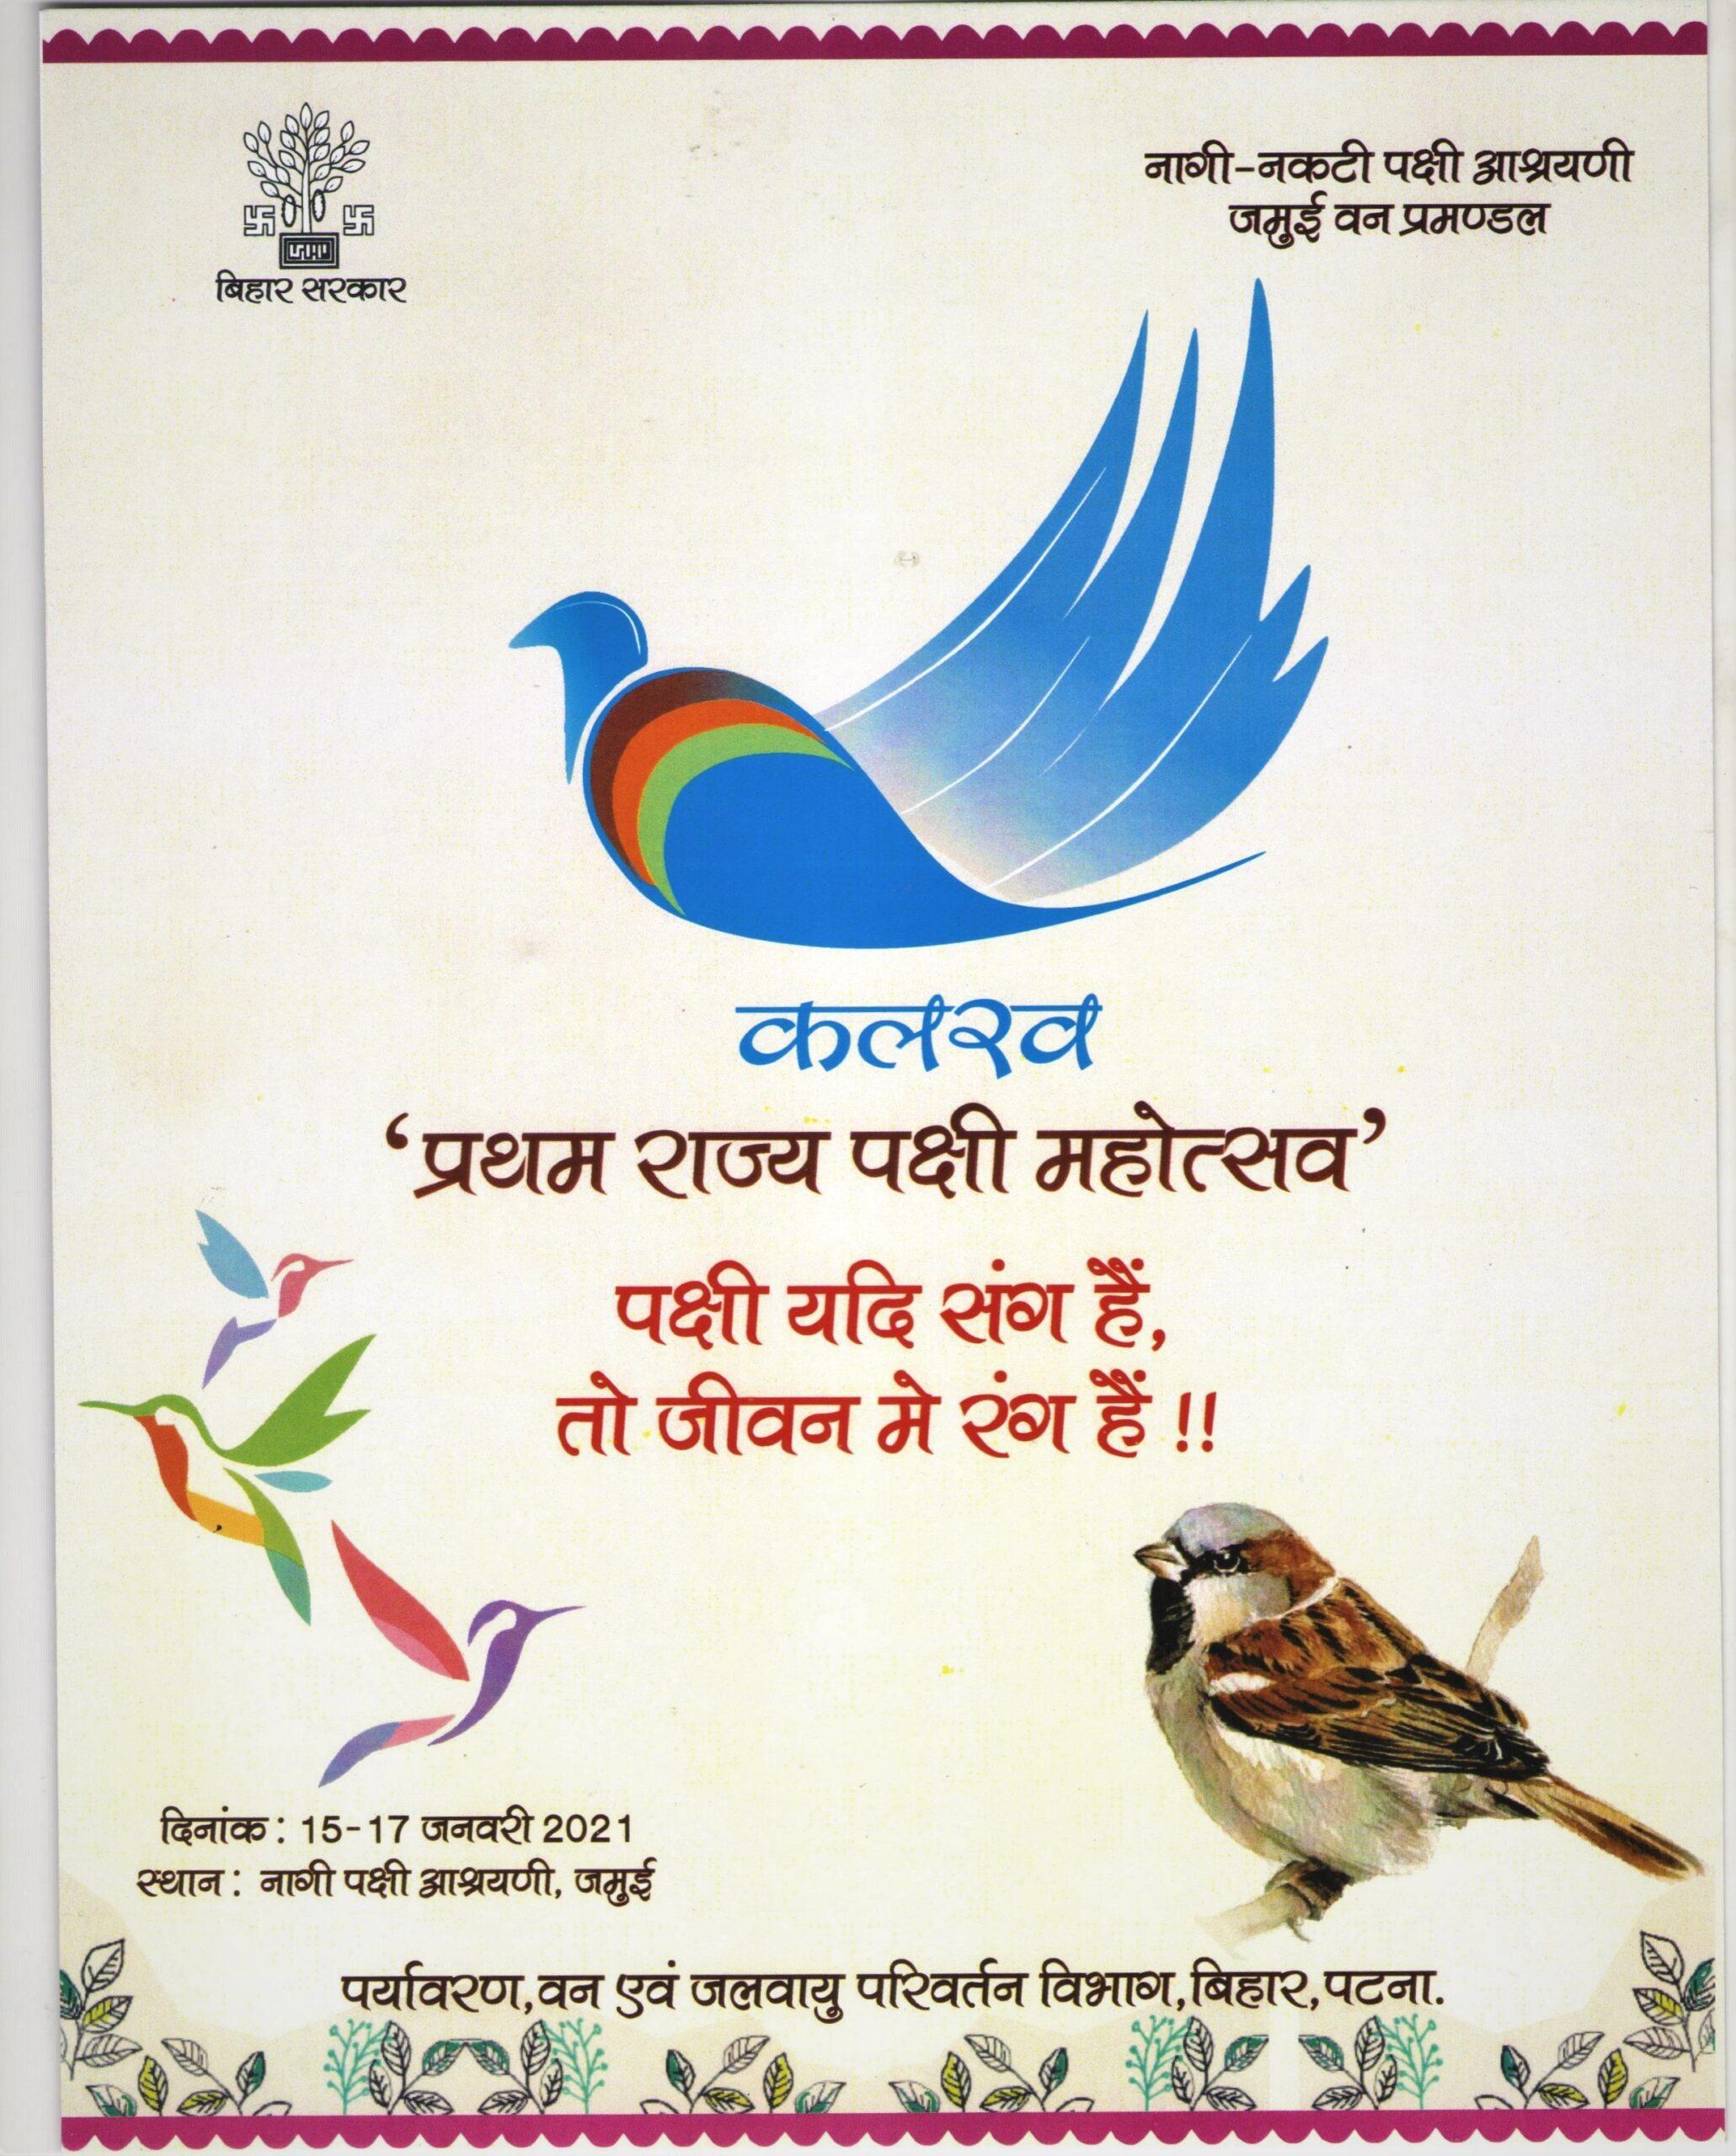 बिहार में प्रथम राज्य पक्षी महोत्सव-'कलरव' का आयोजन 15 से 17 जनवरी तक किया जा रहा है